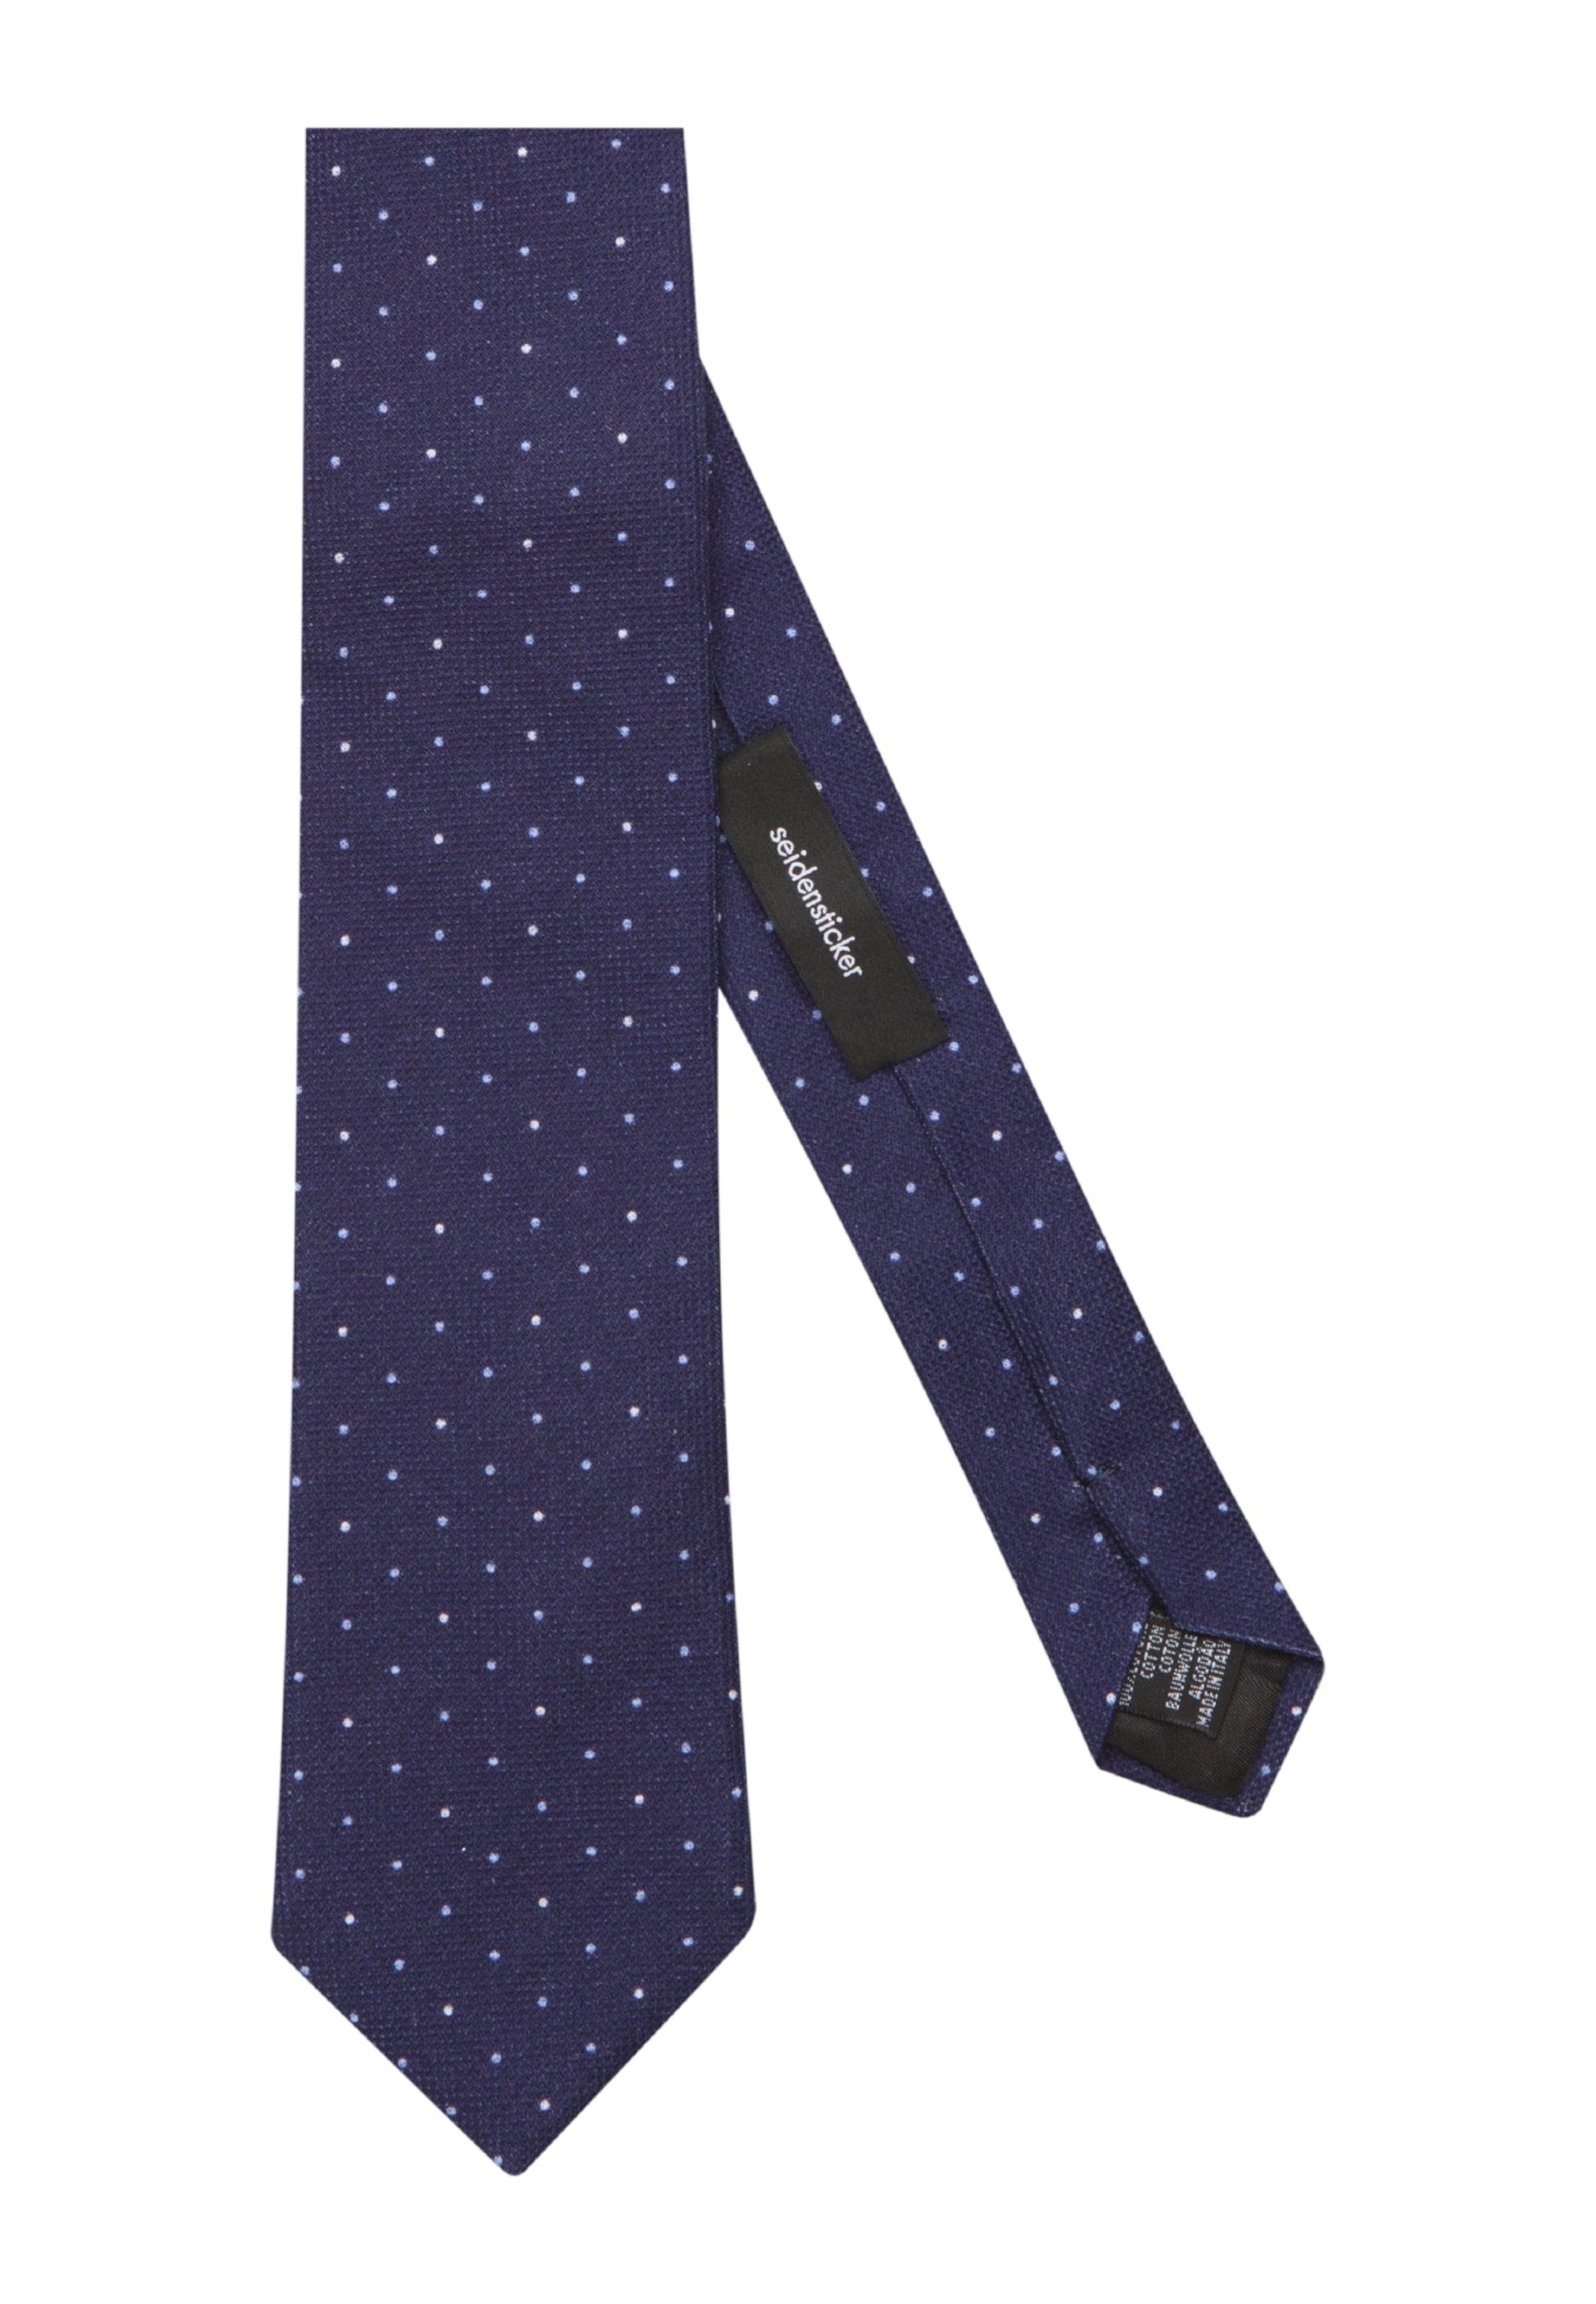 Steckdose Zuverlässig SEIDENSTICKER Krawatte 'Schwarze Rose' Verkauf Erhalten Zu Kaufen 8DLigrBmtq